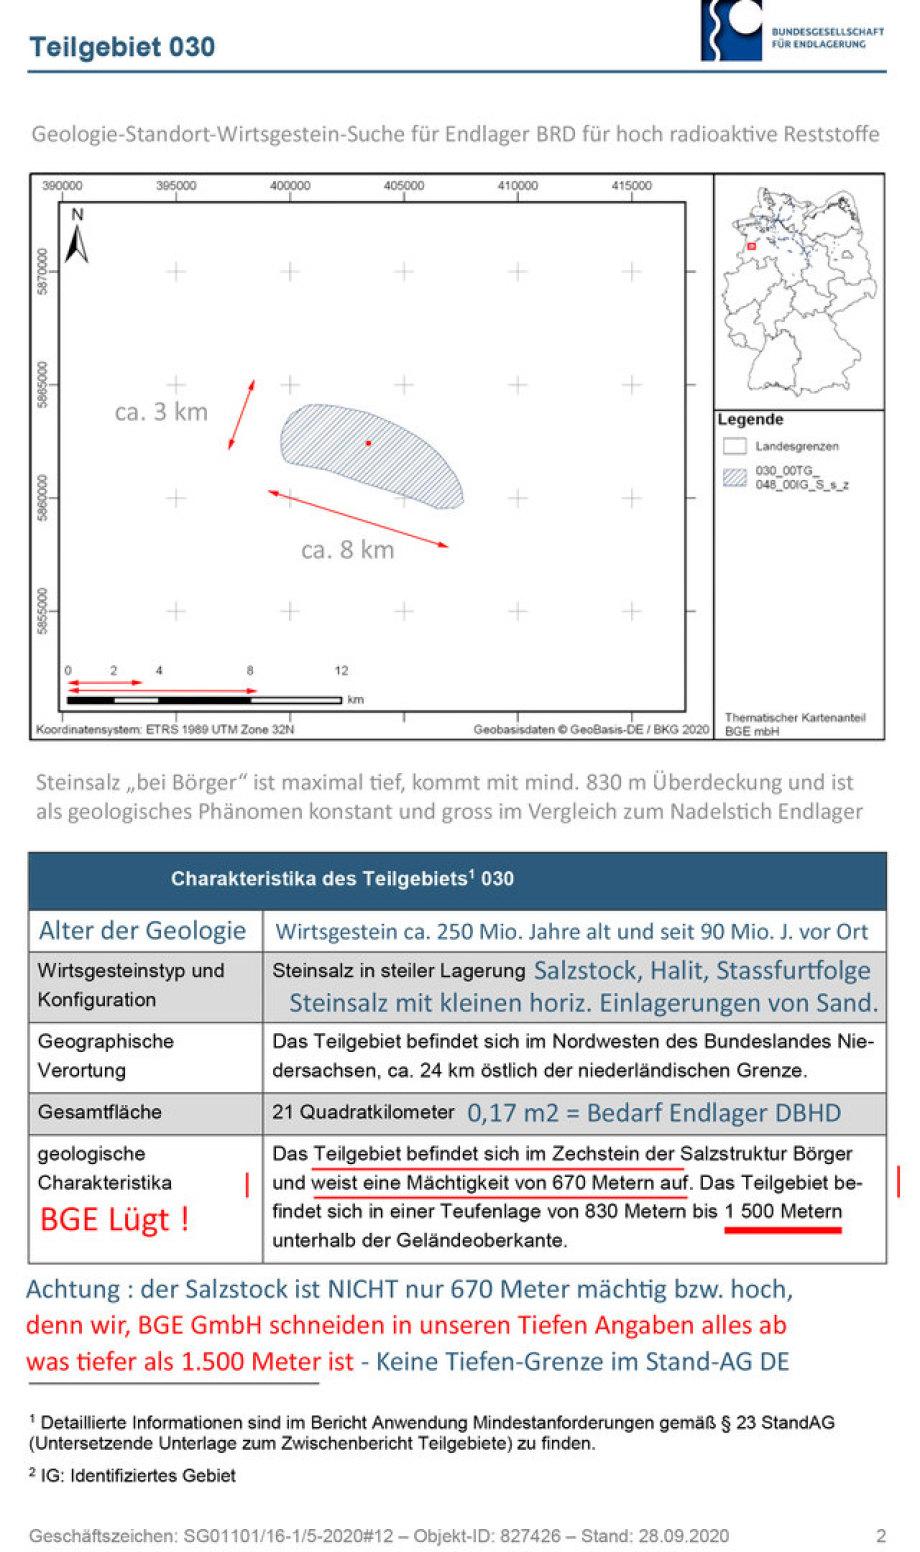 Geologie-Kurz-Beschreibung Steinsalz Börger von der BGE mit Ergänzungen von Ing. Goebel - Kunstwerk